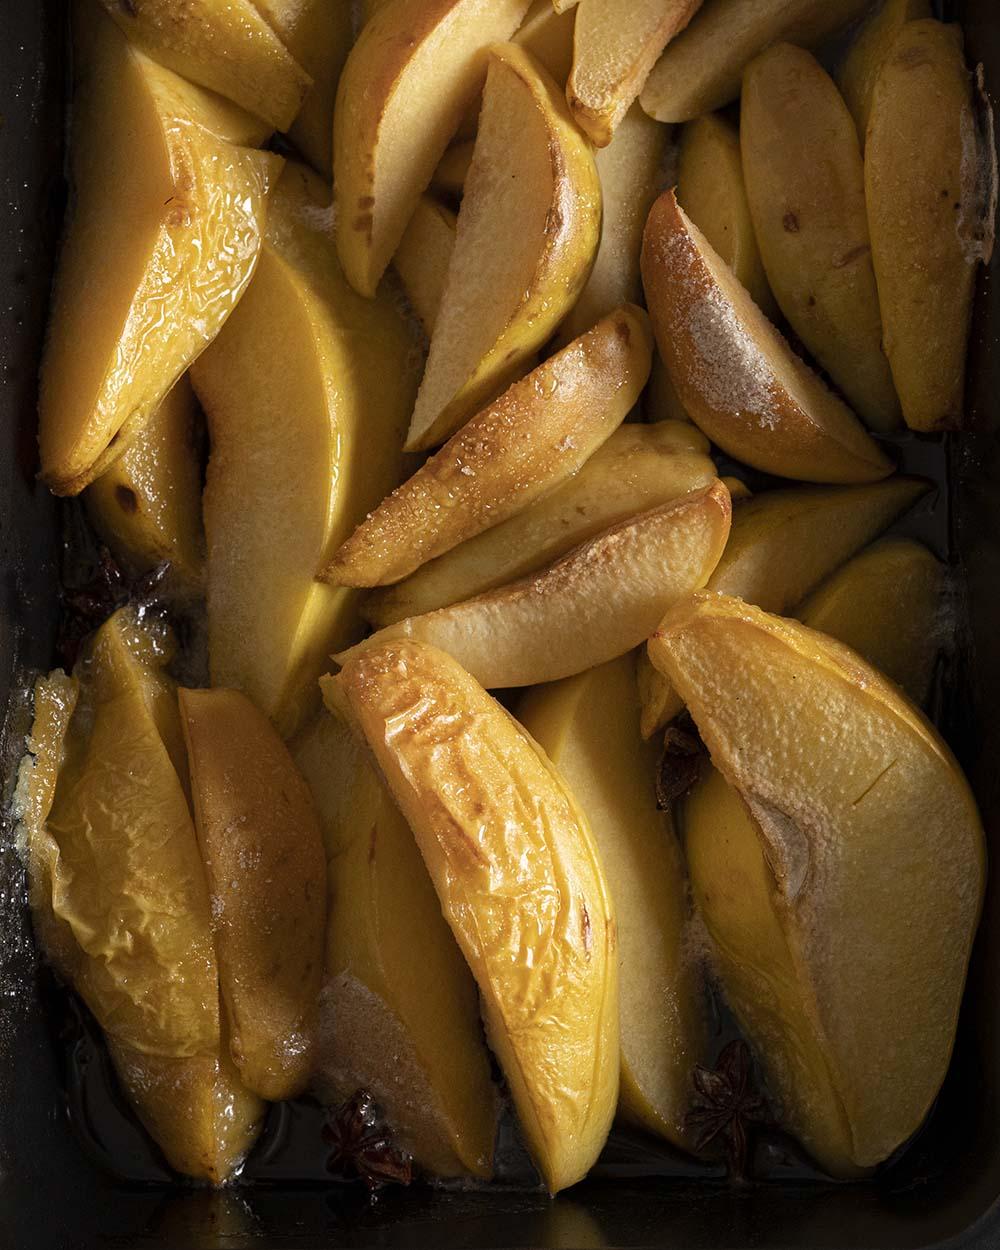 Nach 30 Minuten im Ofen werden die Quitten für das Quitten-Kompott weich